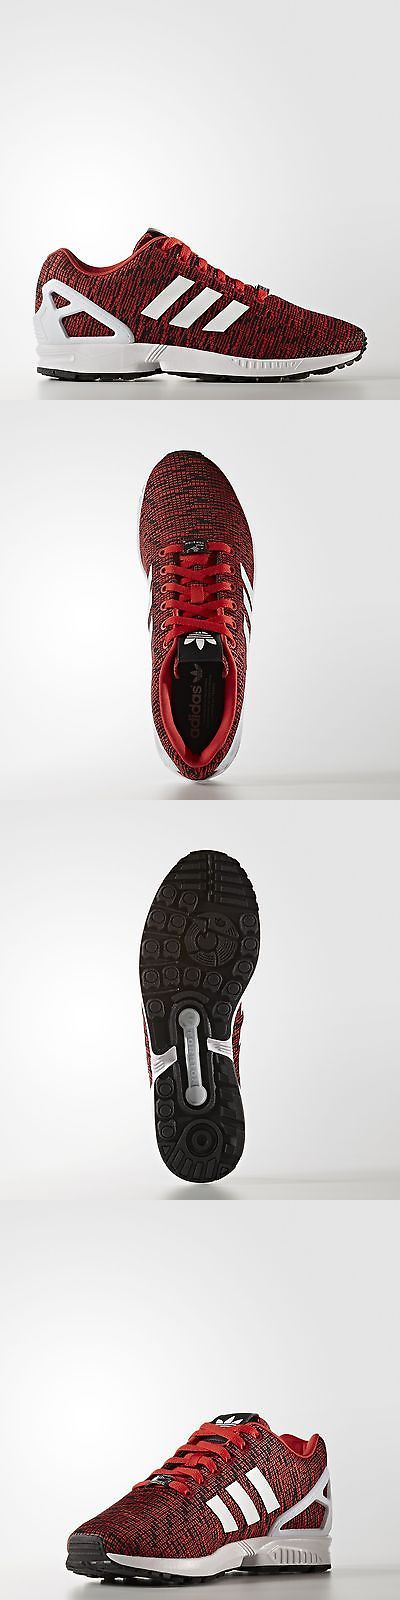 adidas zx flux bordeaux ebay